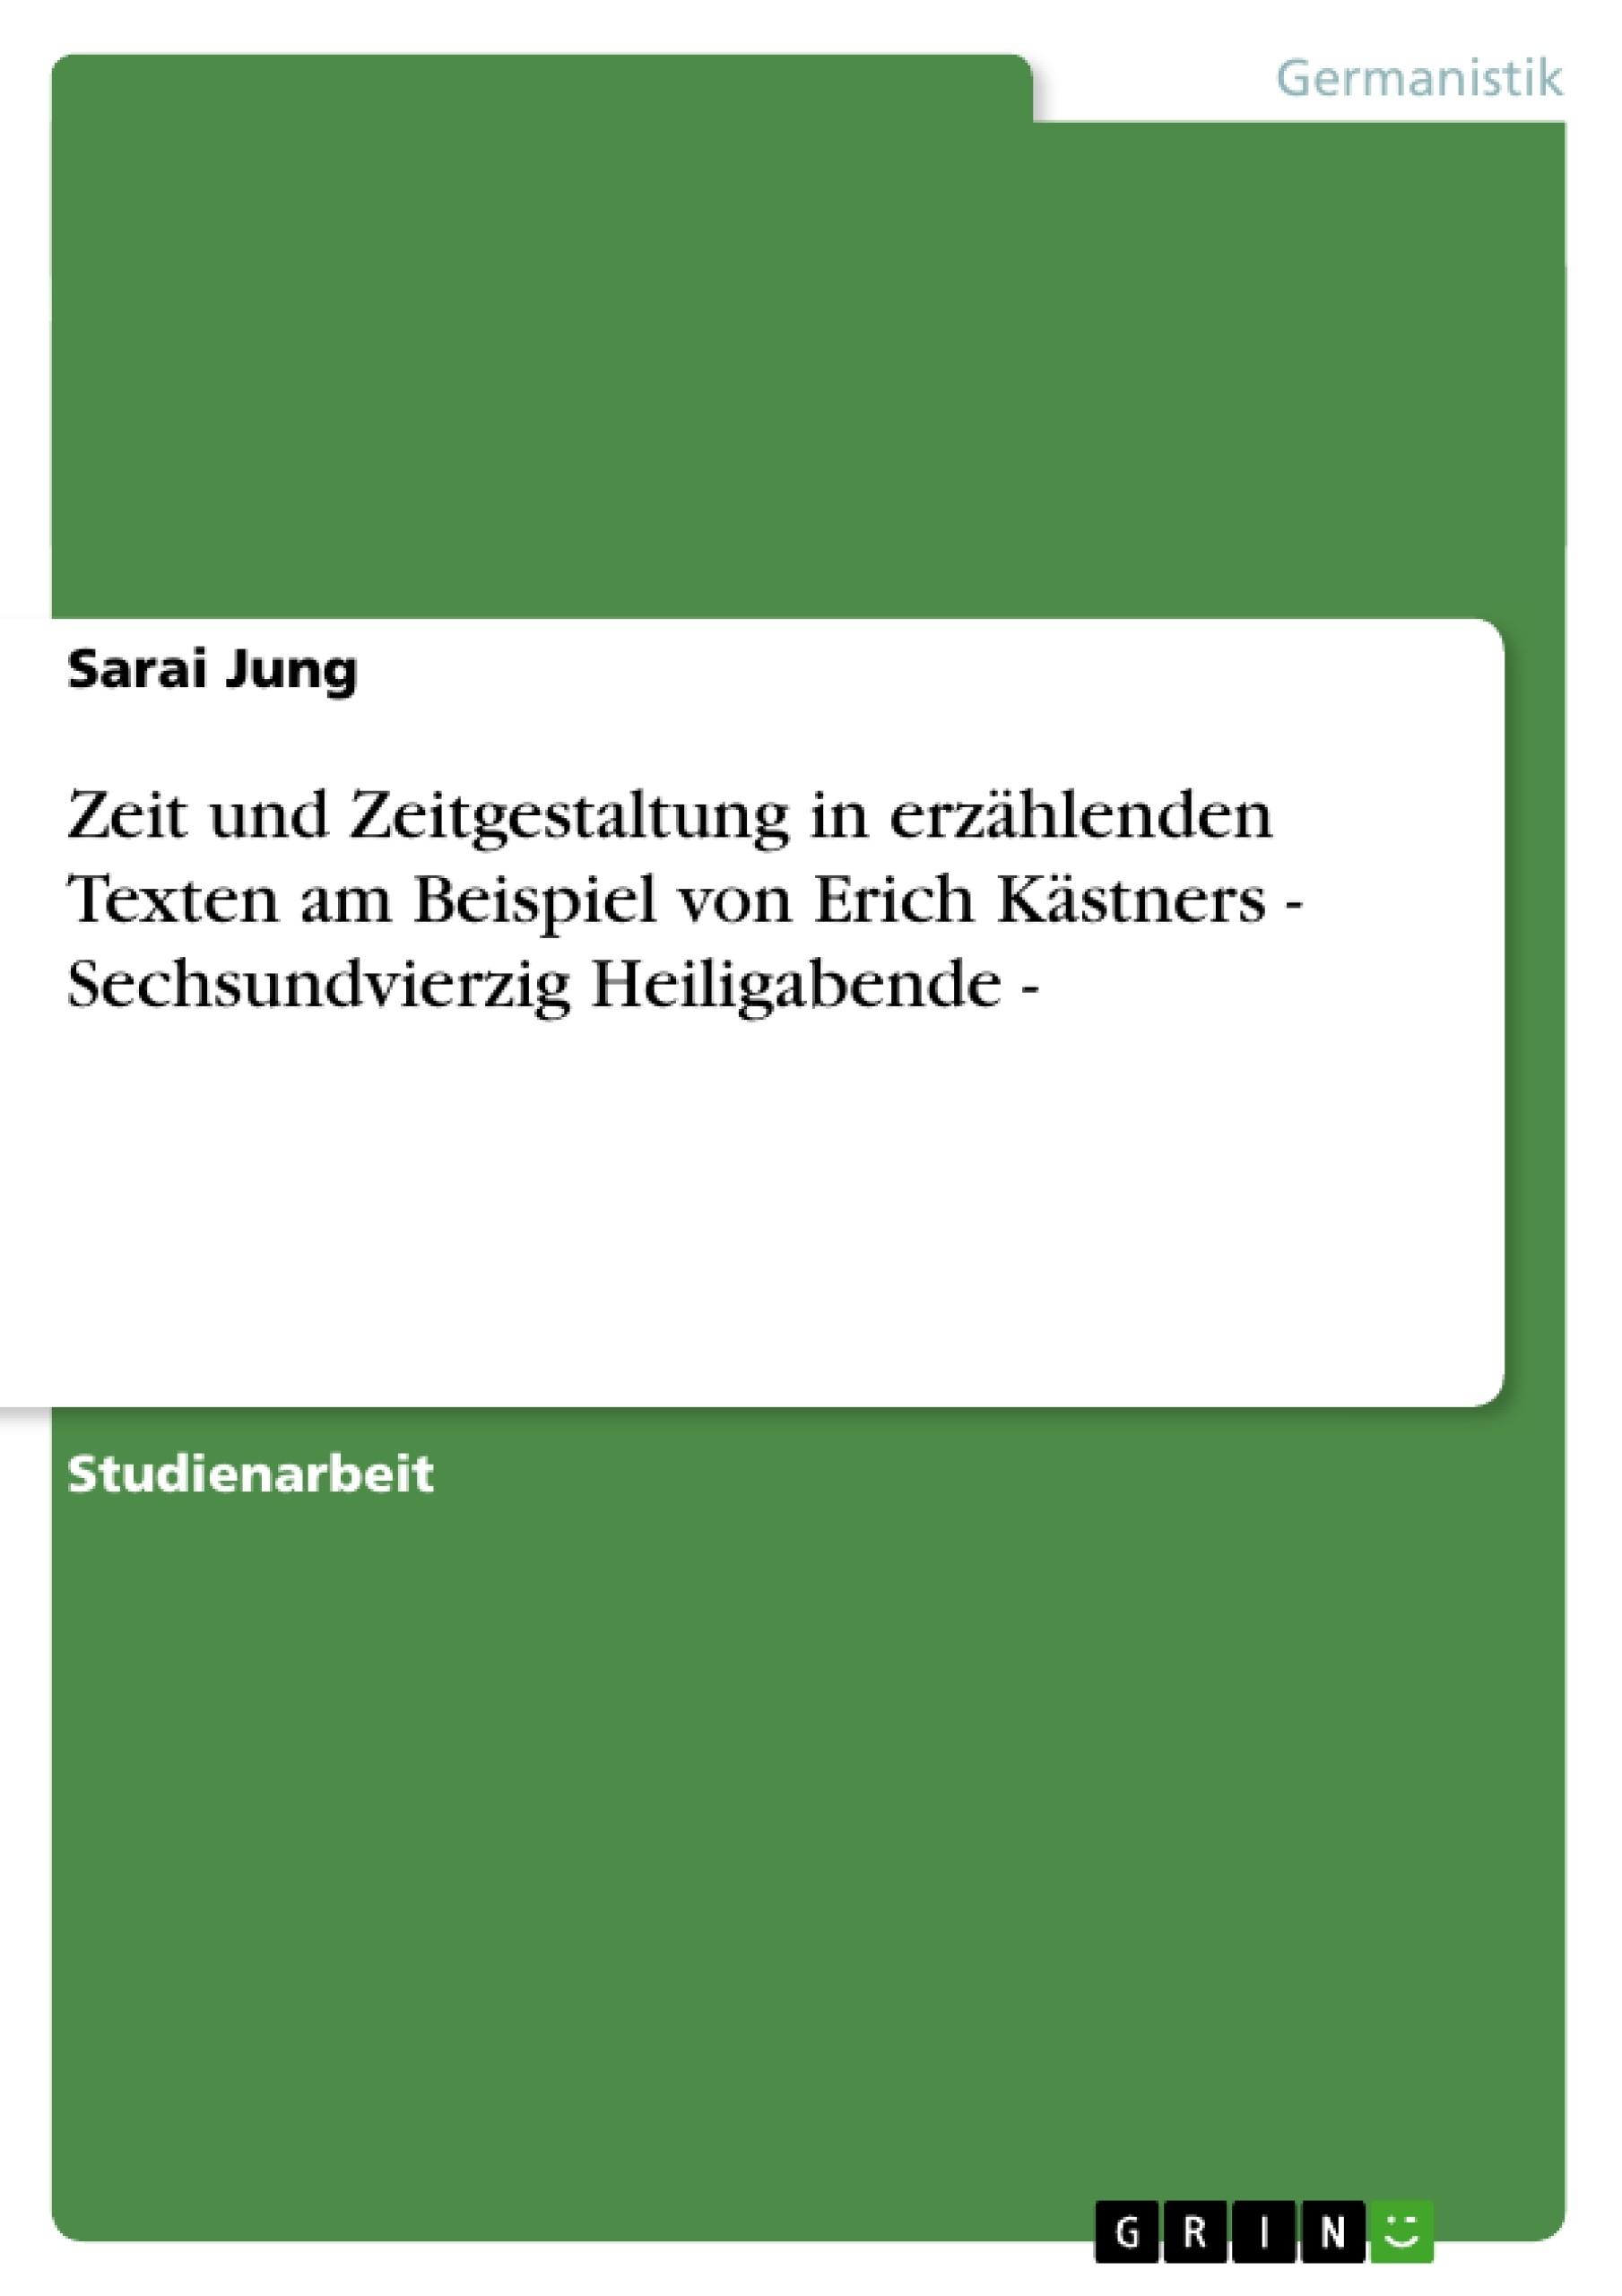 Titel: Zeit und Zeitgestaltung in erzählenden Texten am Beispiel von Erich Kästners - Sechsundvierzig Heiligabende -